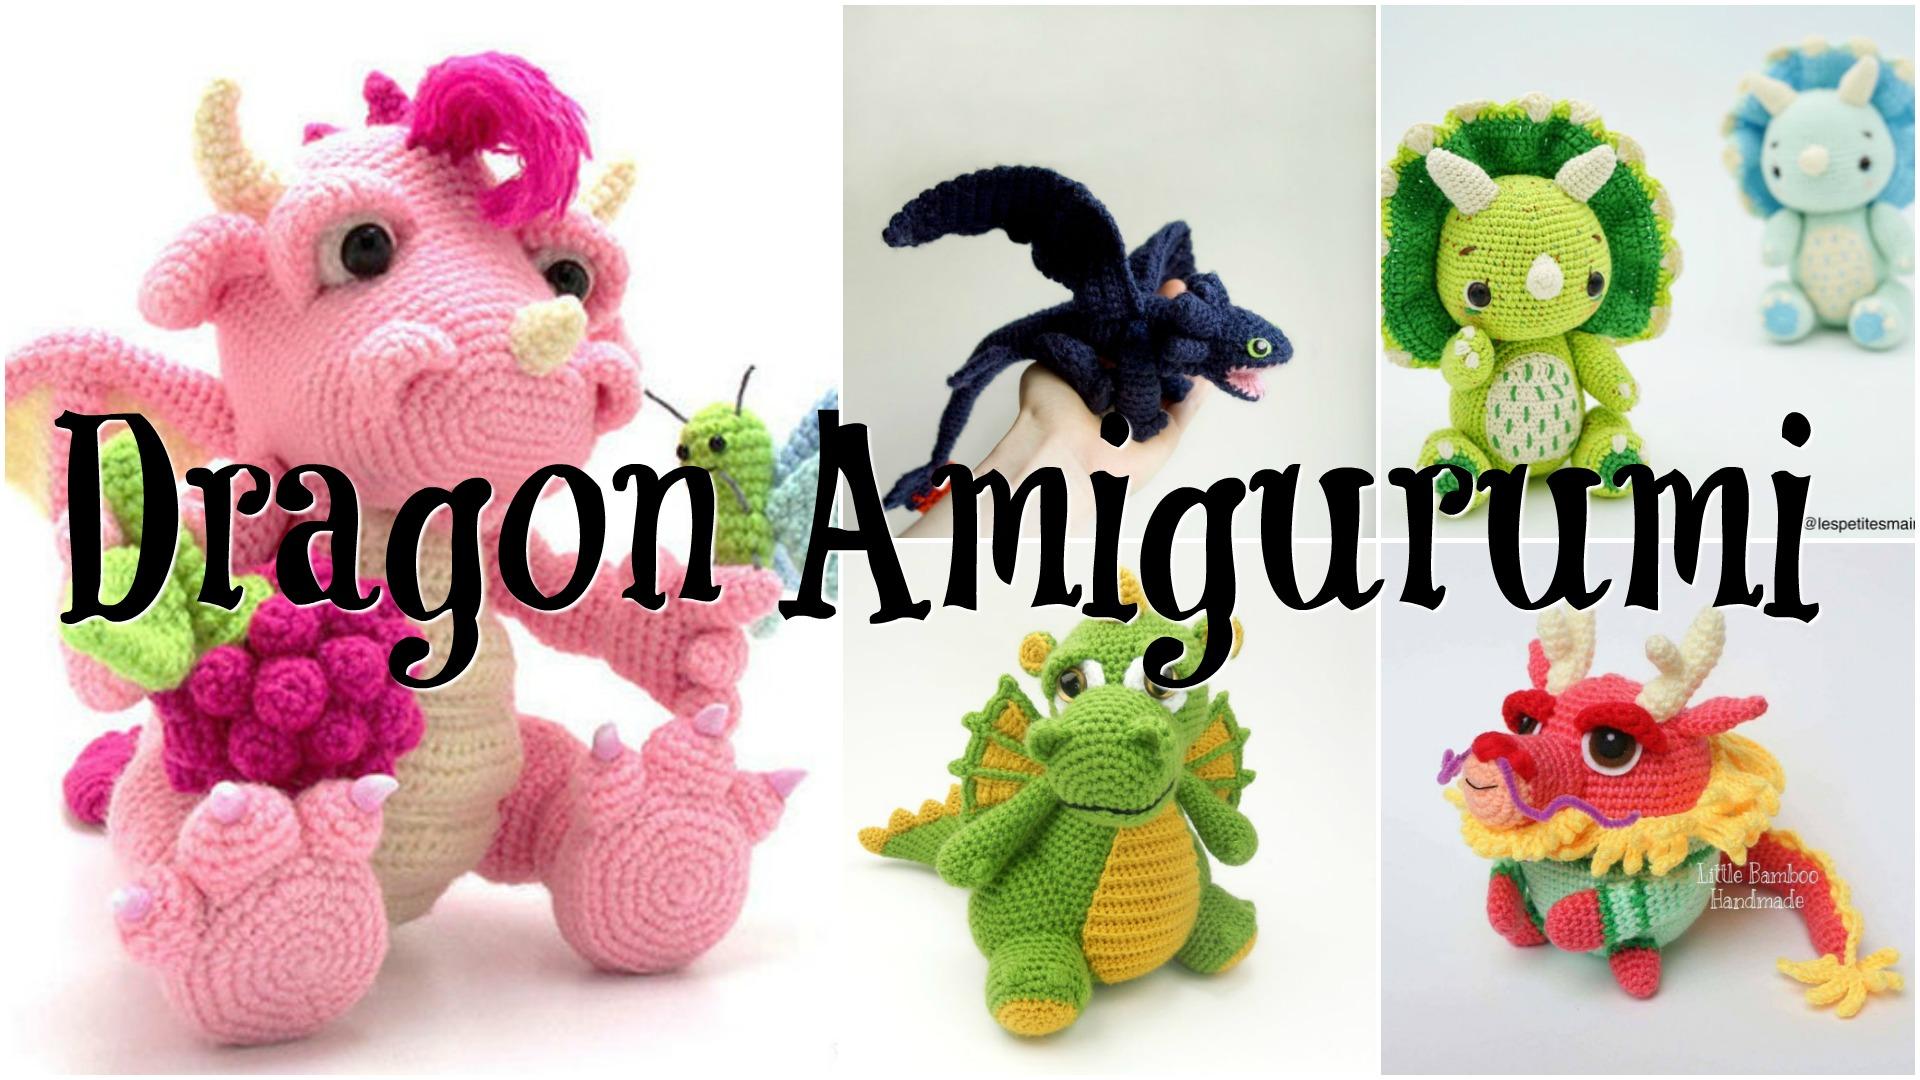 Amigurumi Dragon Patterns | 1080x1920